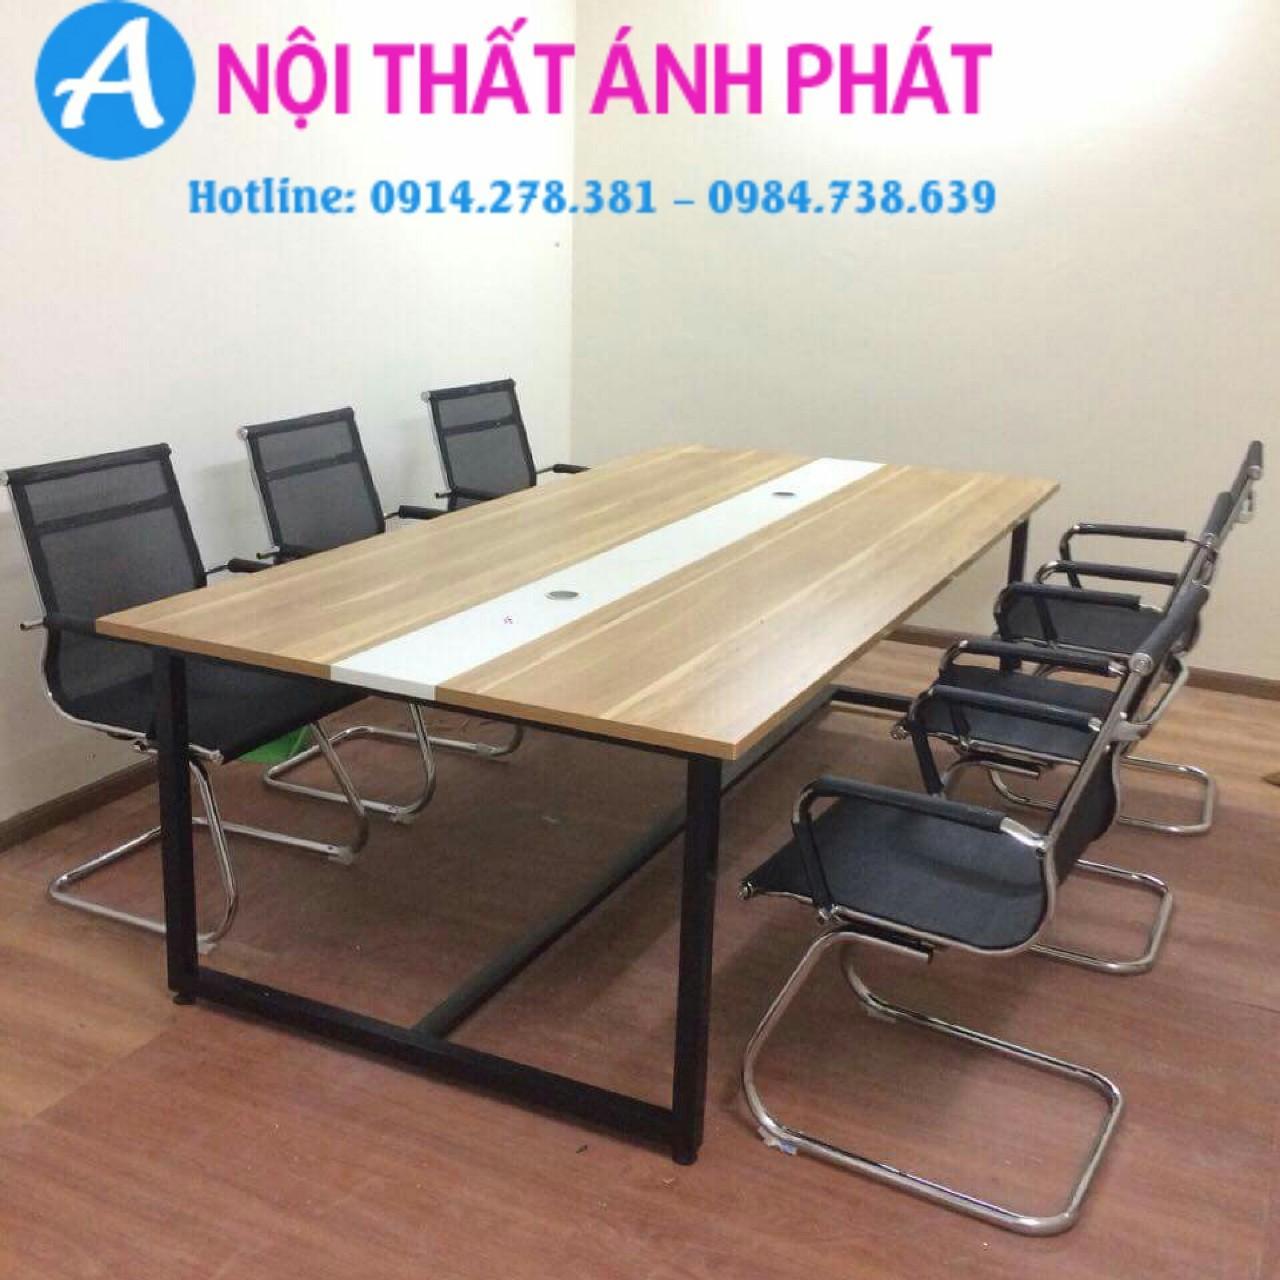 D:\mua bán bàn ghế văn phòng bằng gỗ đẹp\62d3ec7d8e5869063049.jpg